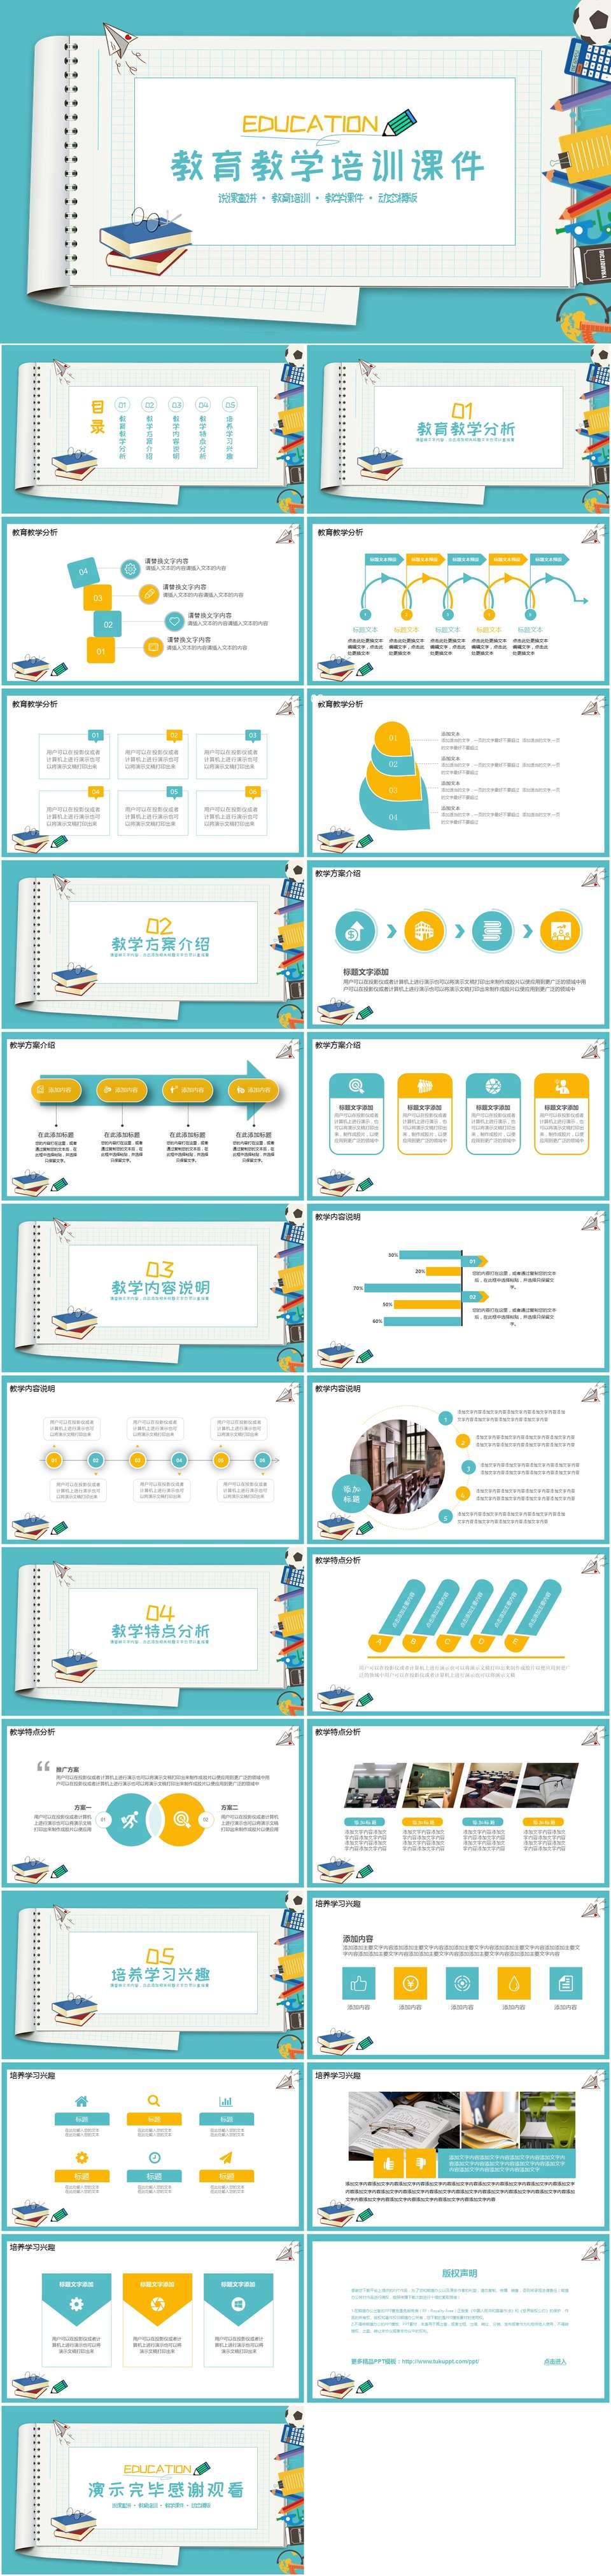 蓝色创意简约风教学课件通用课件PPT模板插图1